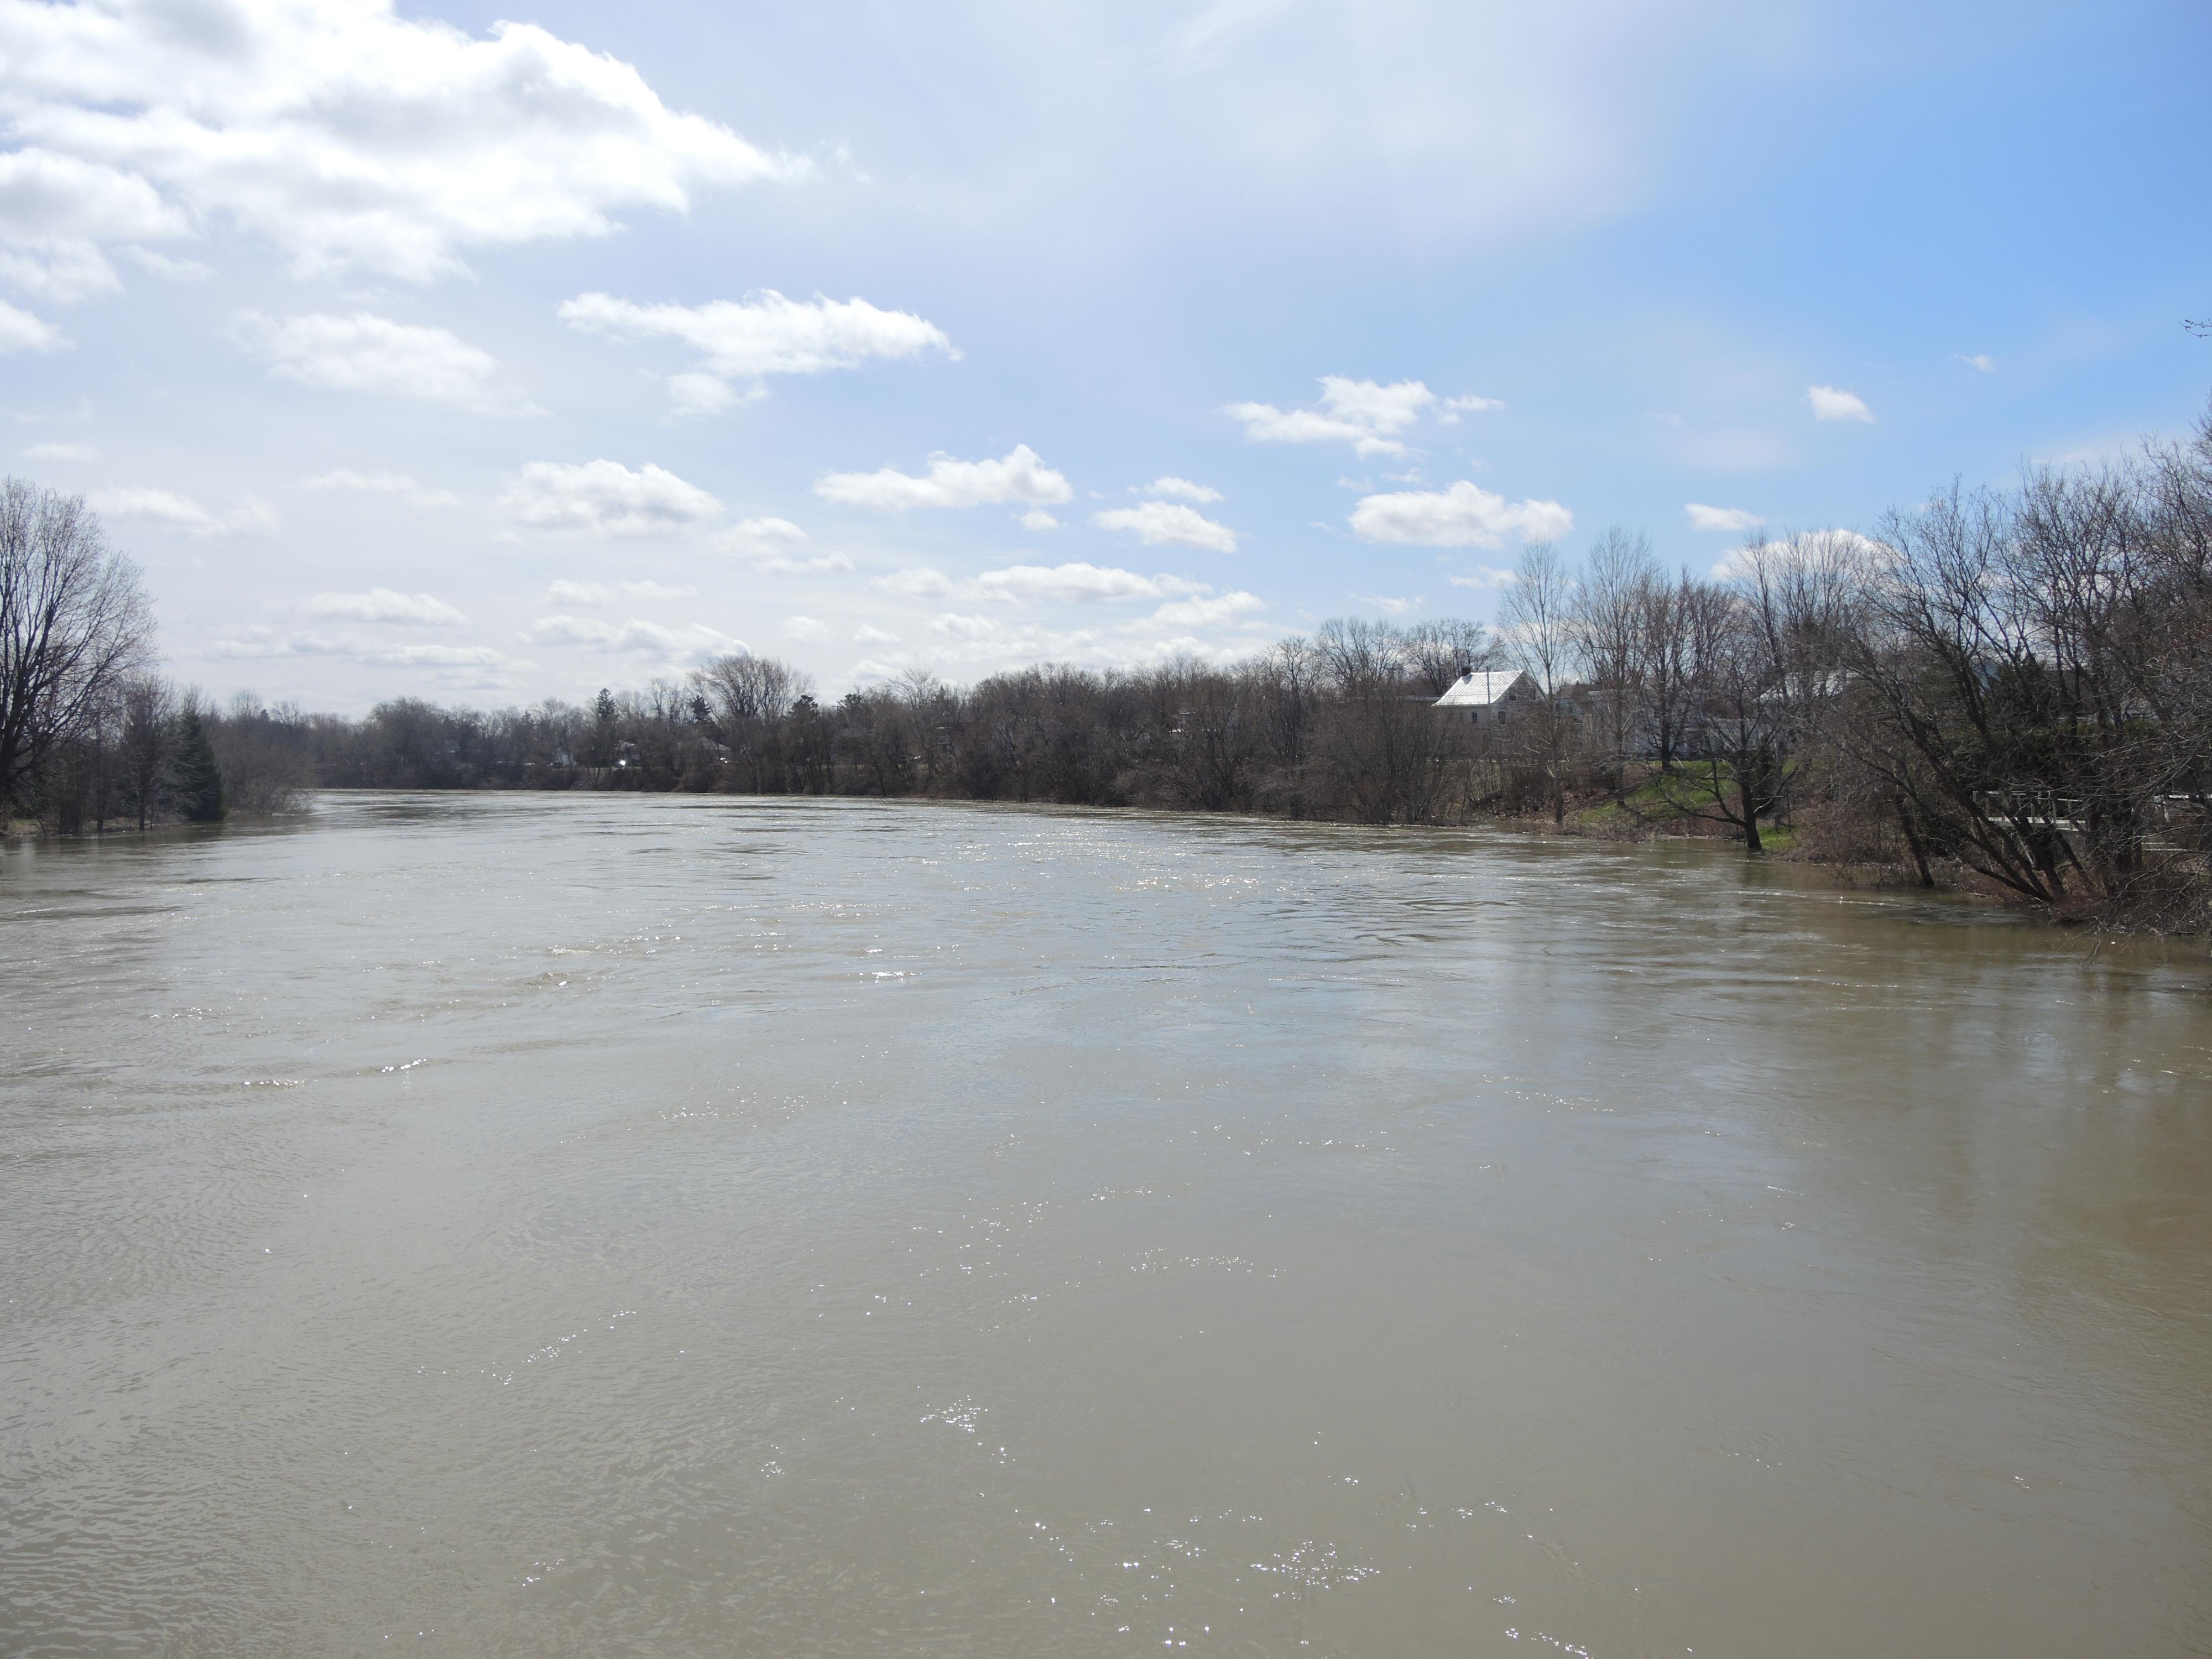 Situation rivières